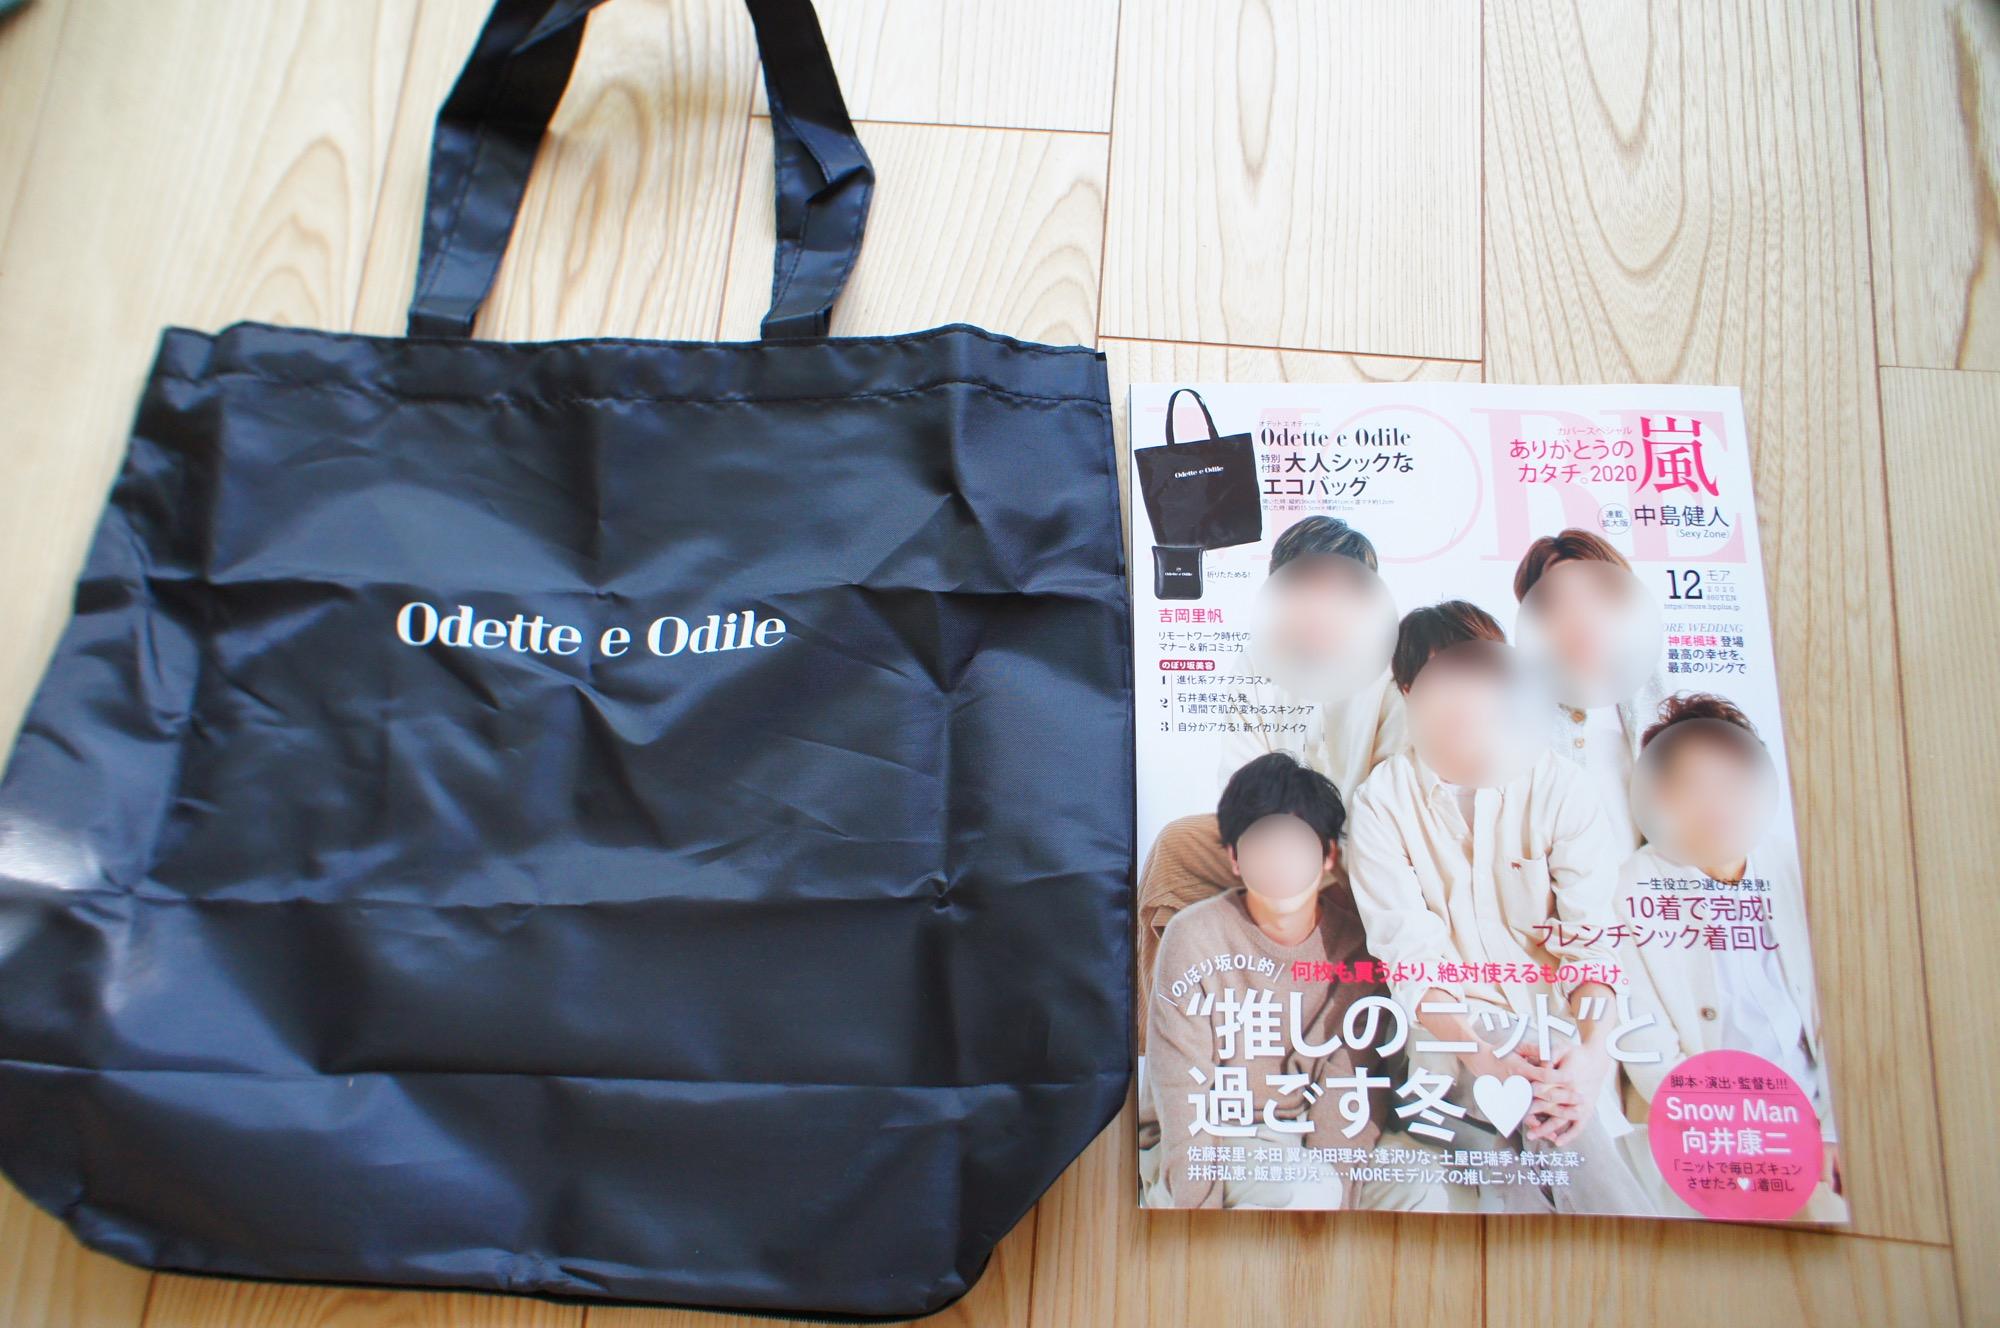 《本日10/28発売❤️》大人気Odette e Odileのエコバッグ付き!【MORE12月号】をチェック☻_4